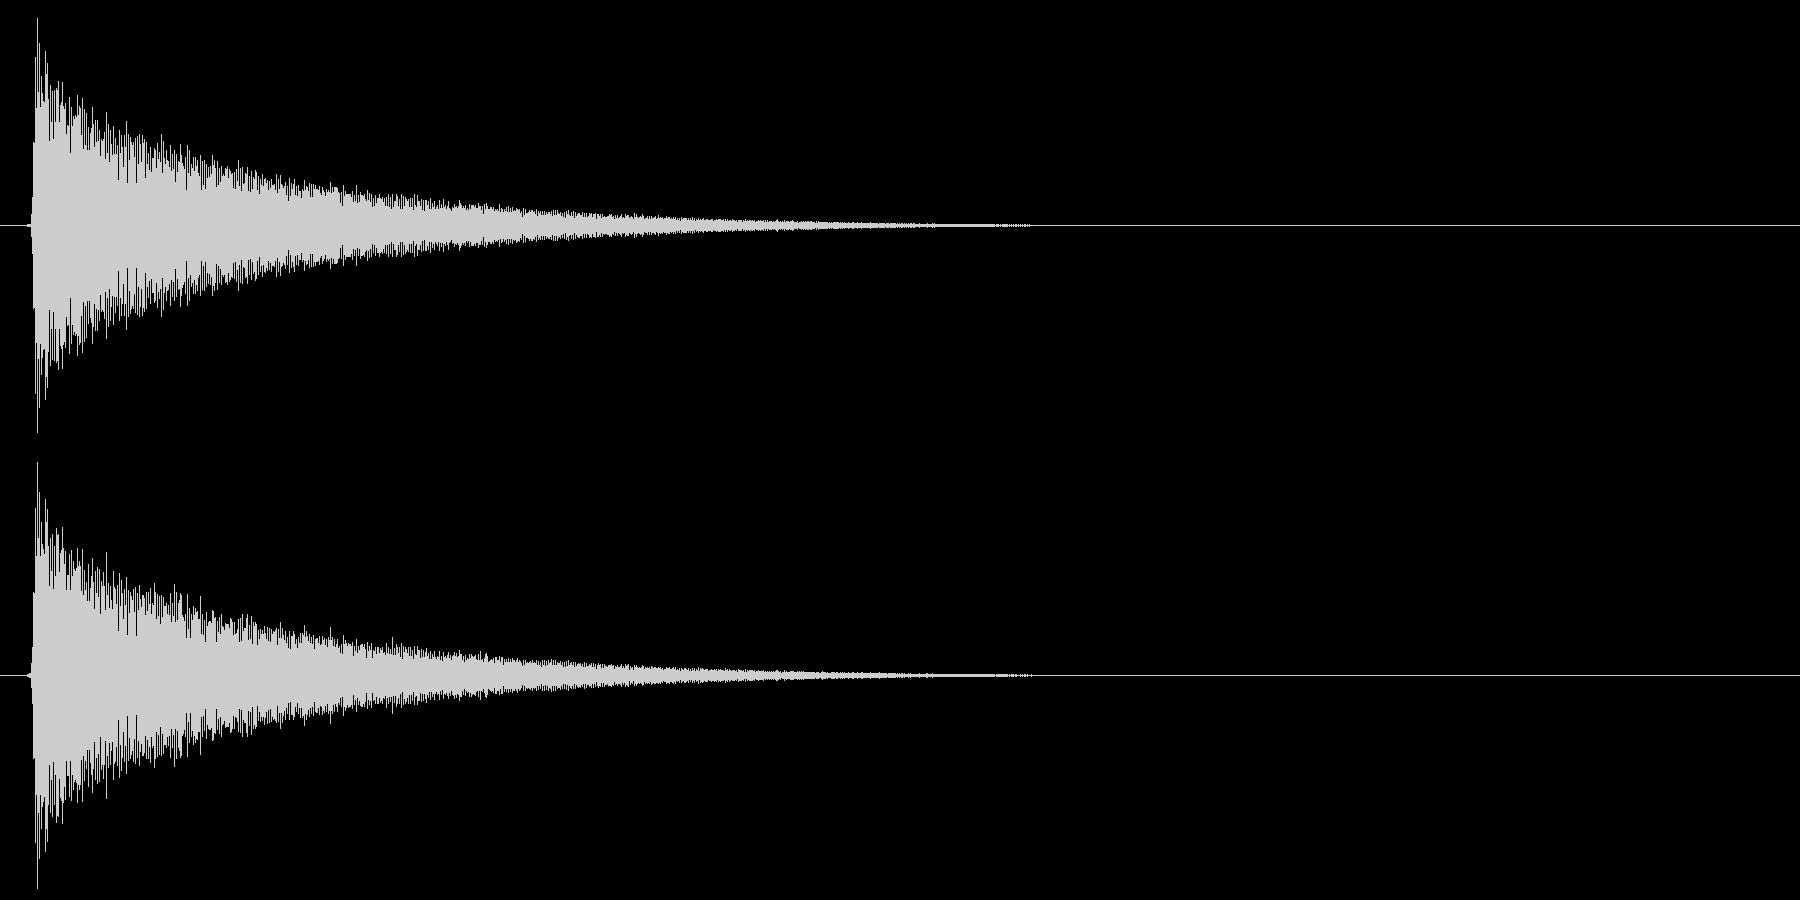 キラキラ…(システム音、星、暗い)の未再生の波形